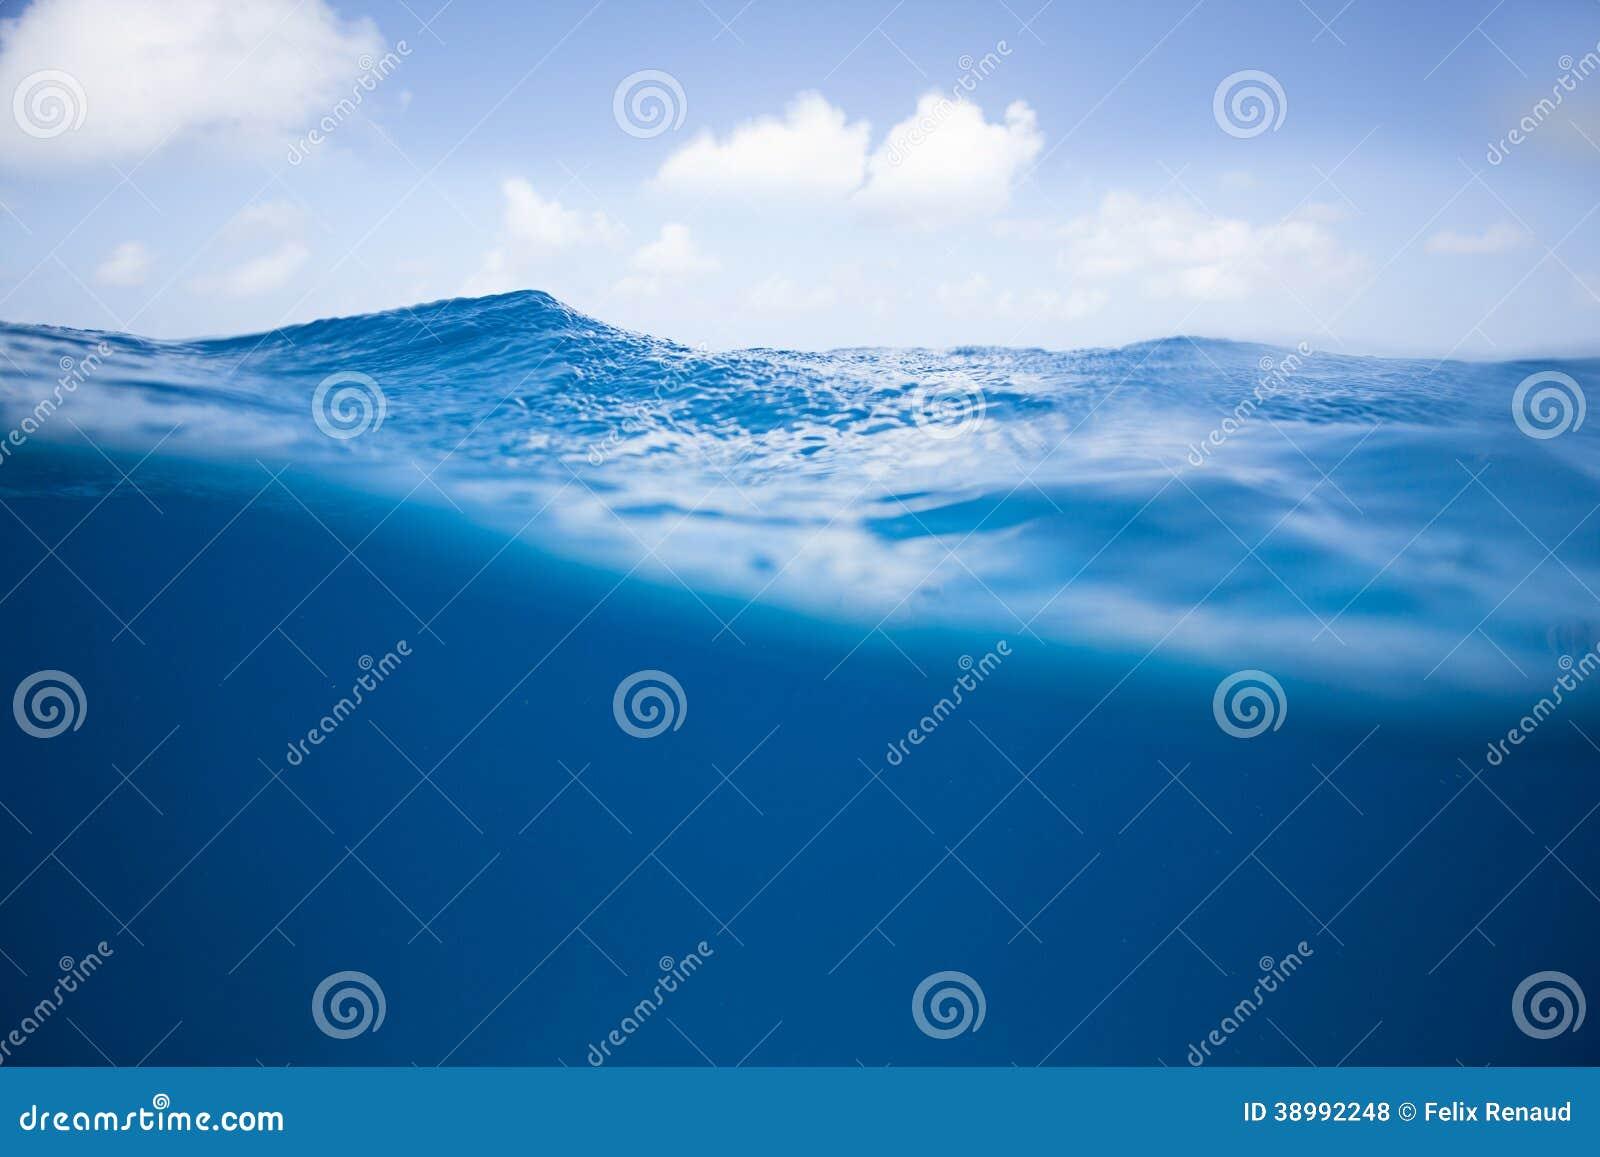 Μισός και η μισή από την ωκεάνια επιφάνεια